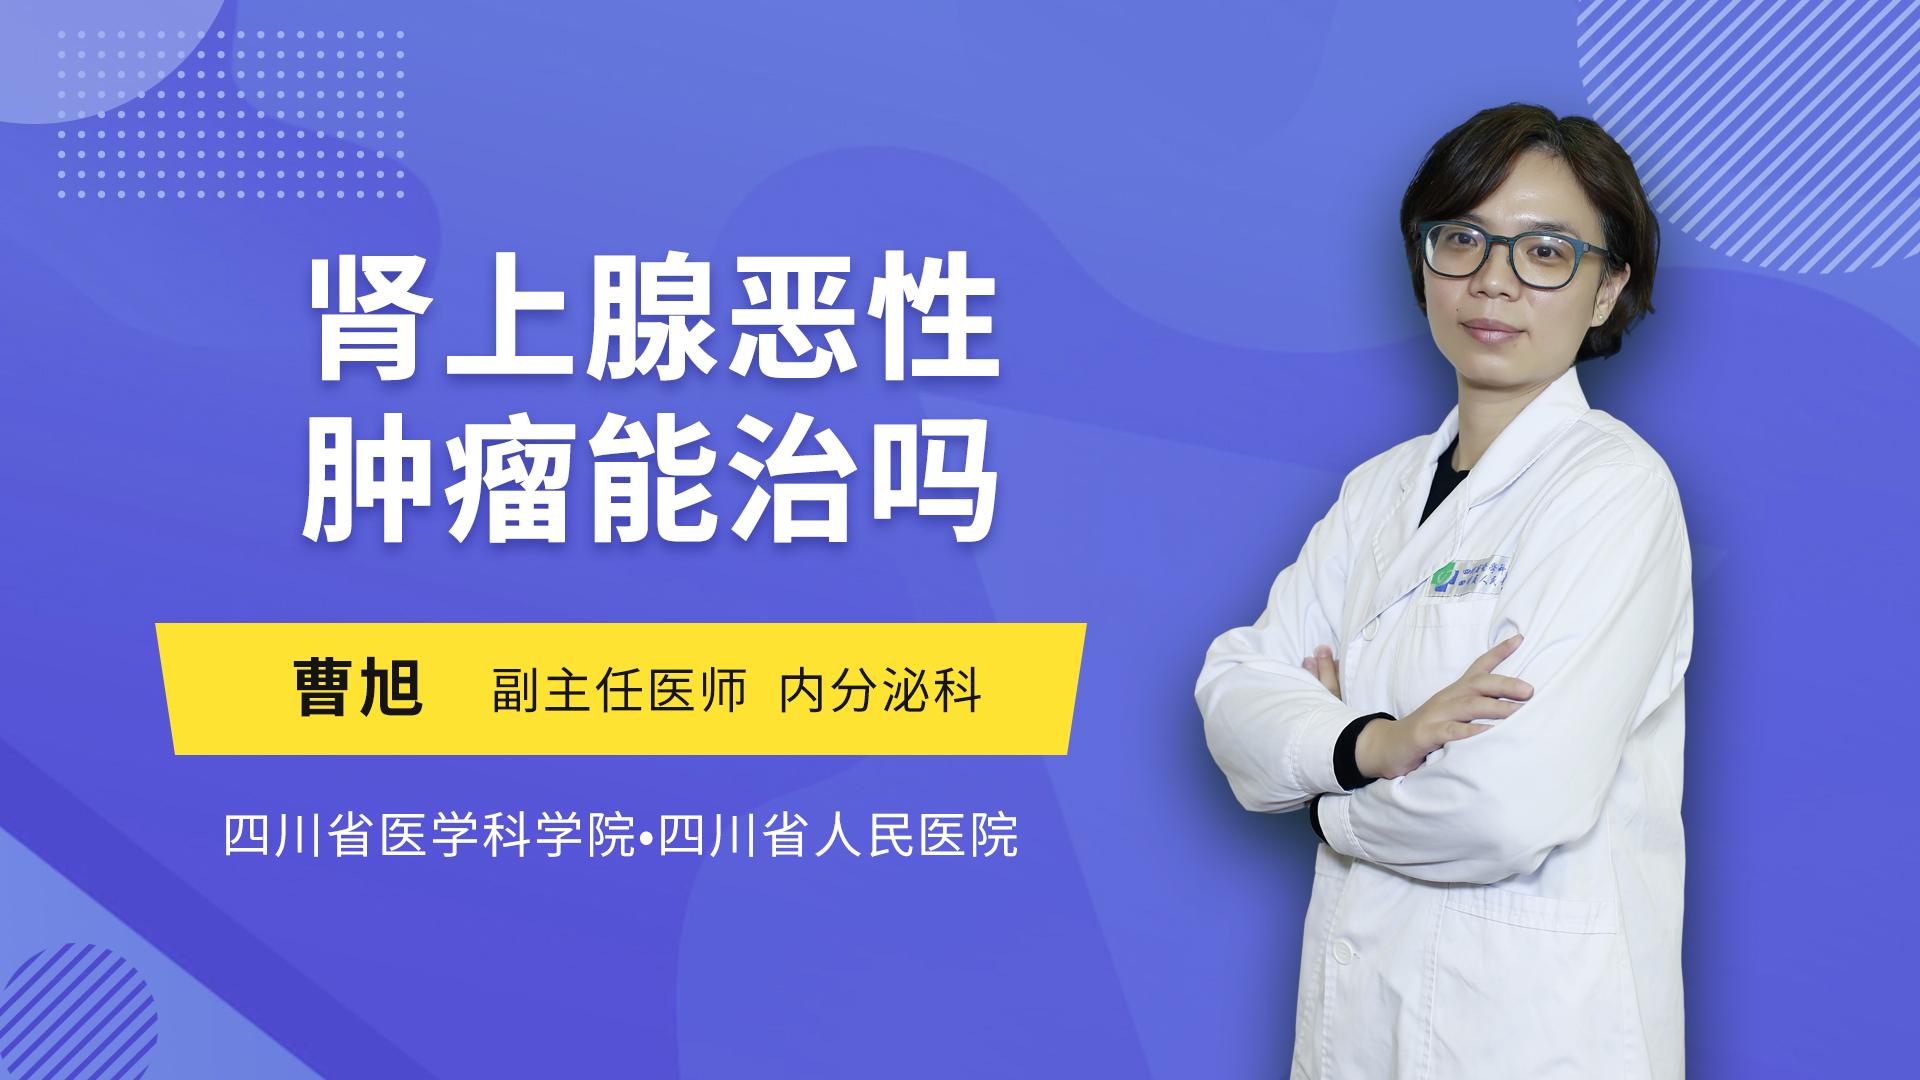 肾上腺恶性肿瘤能治吗